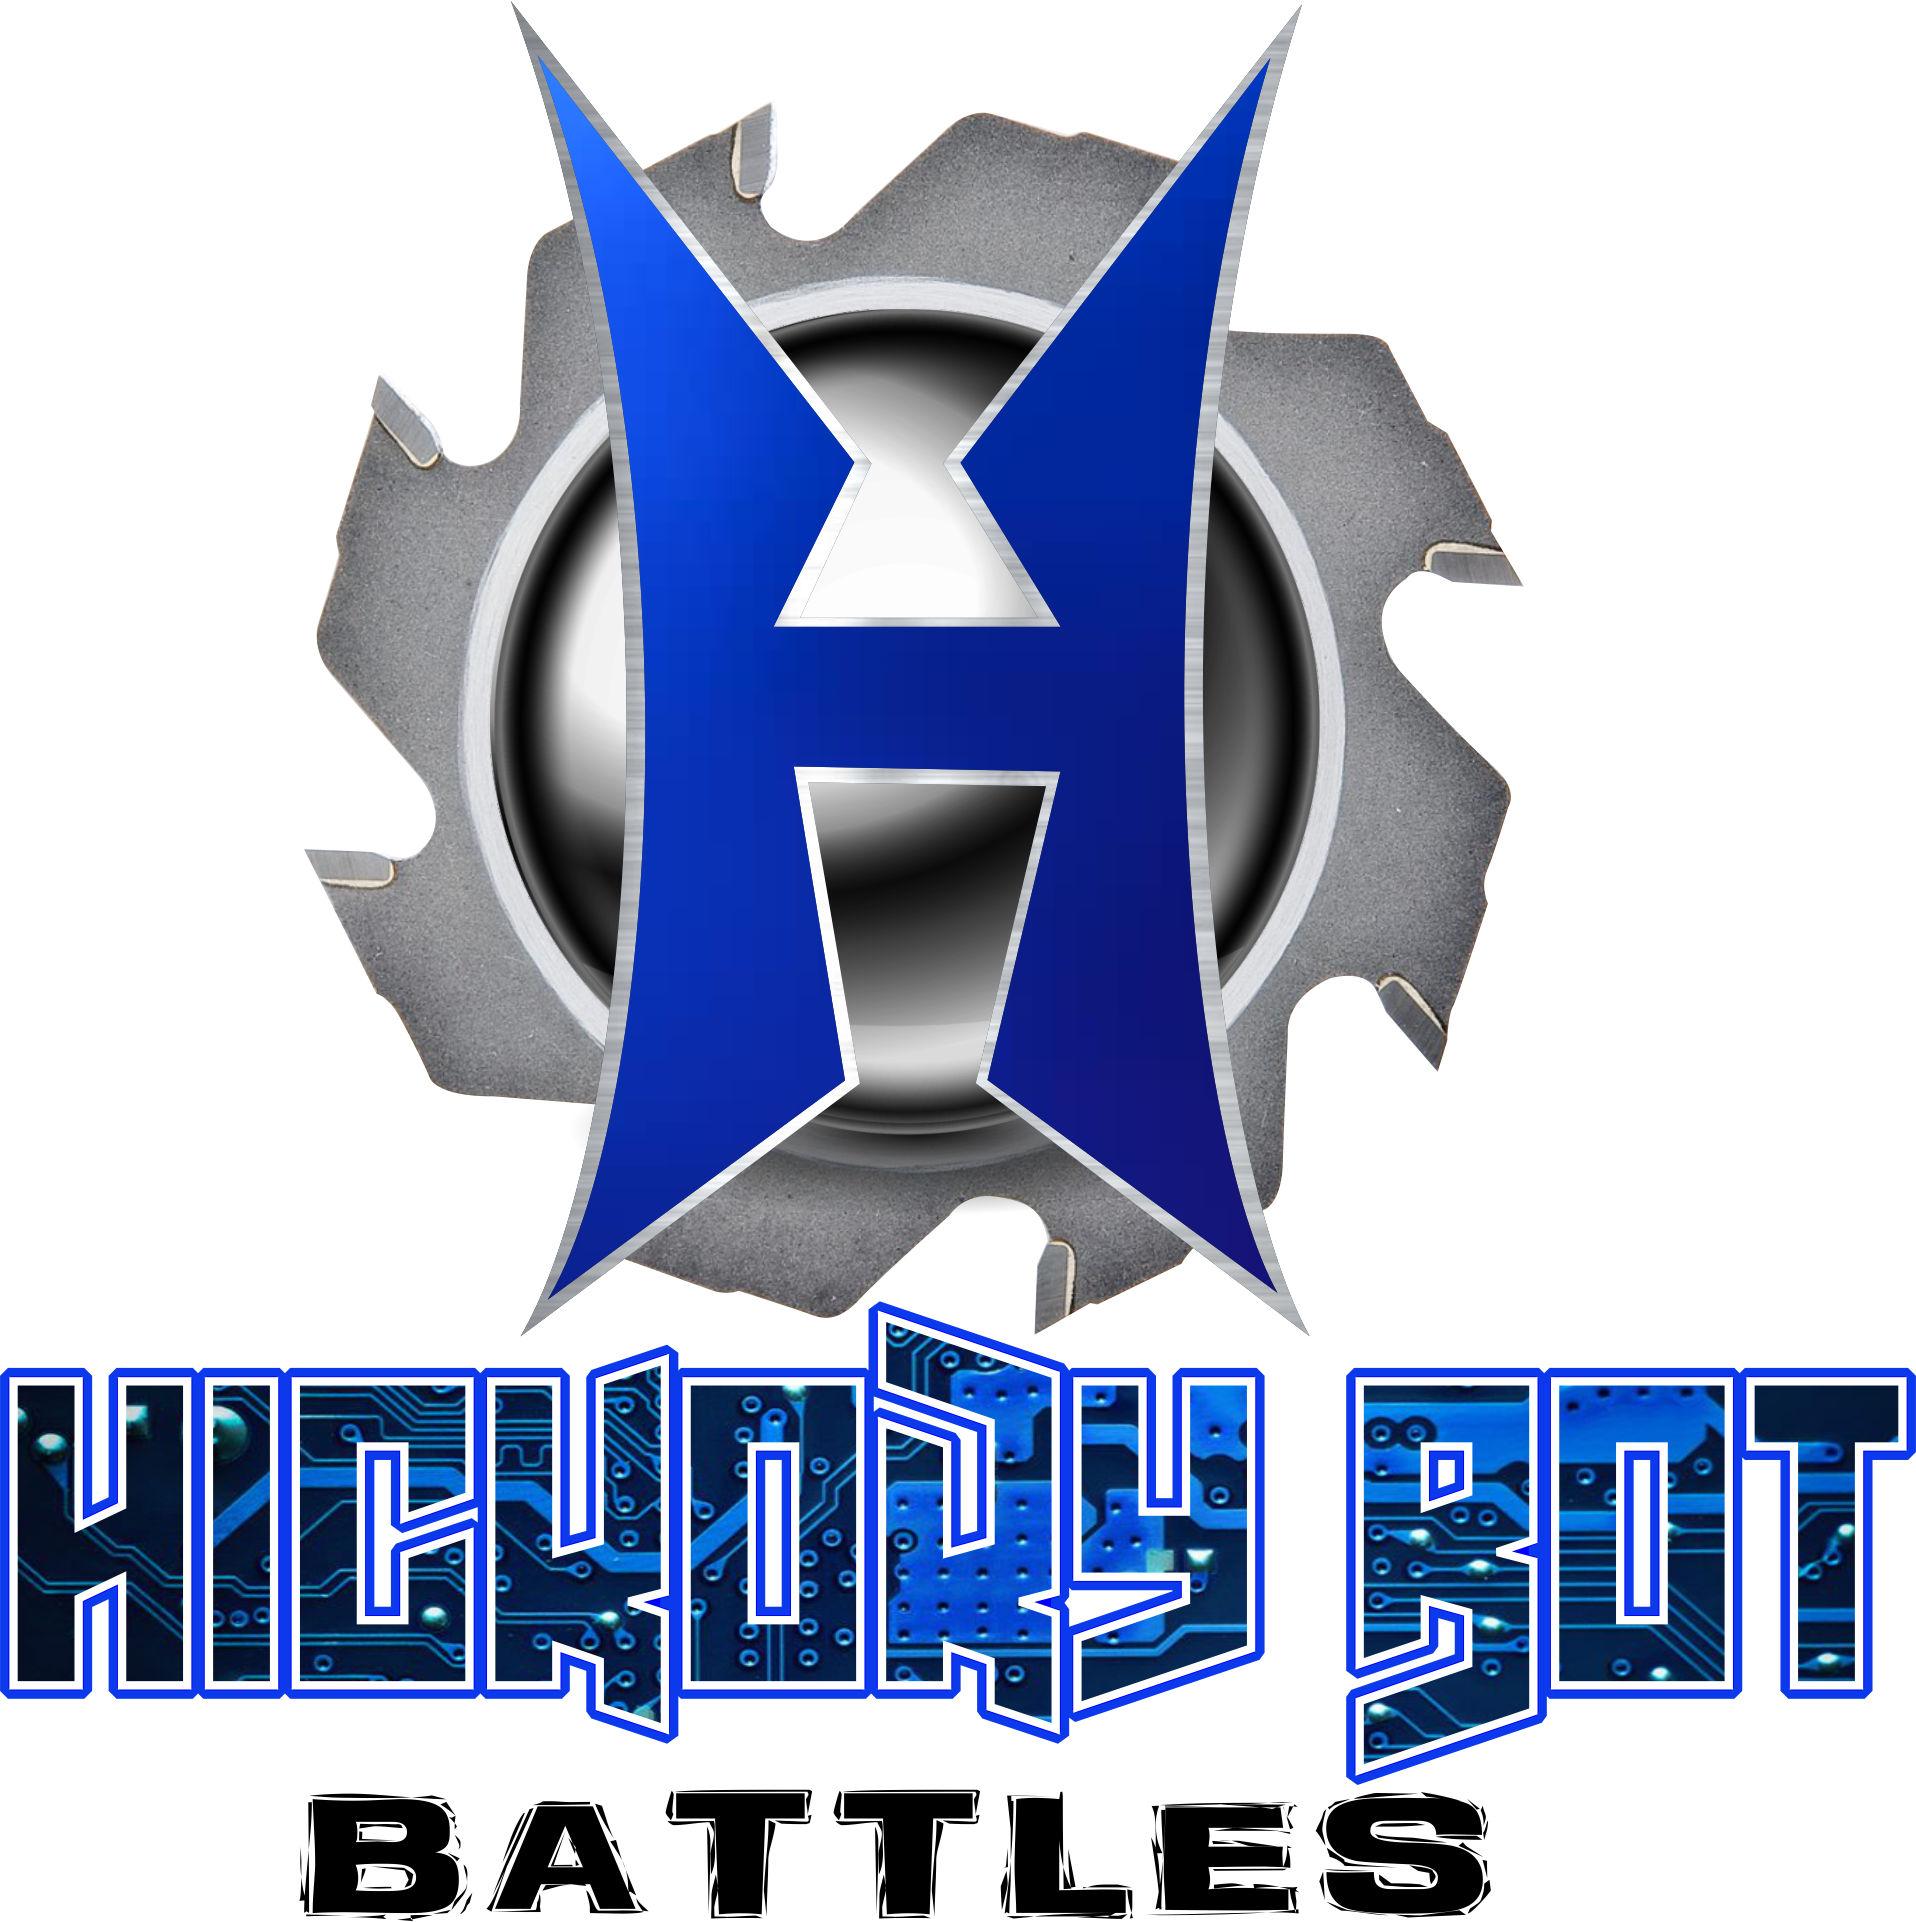 Hickory bot hd jpeg 300dpi